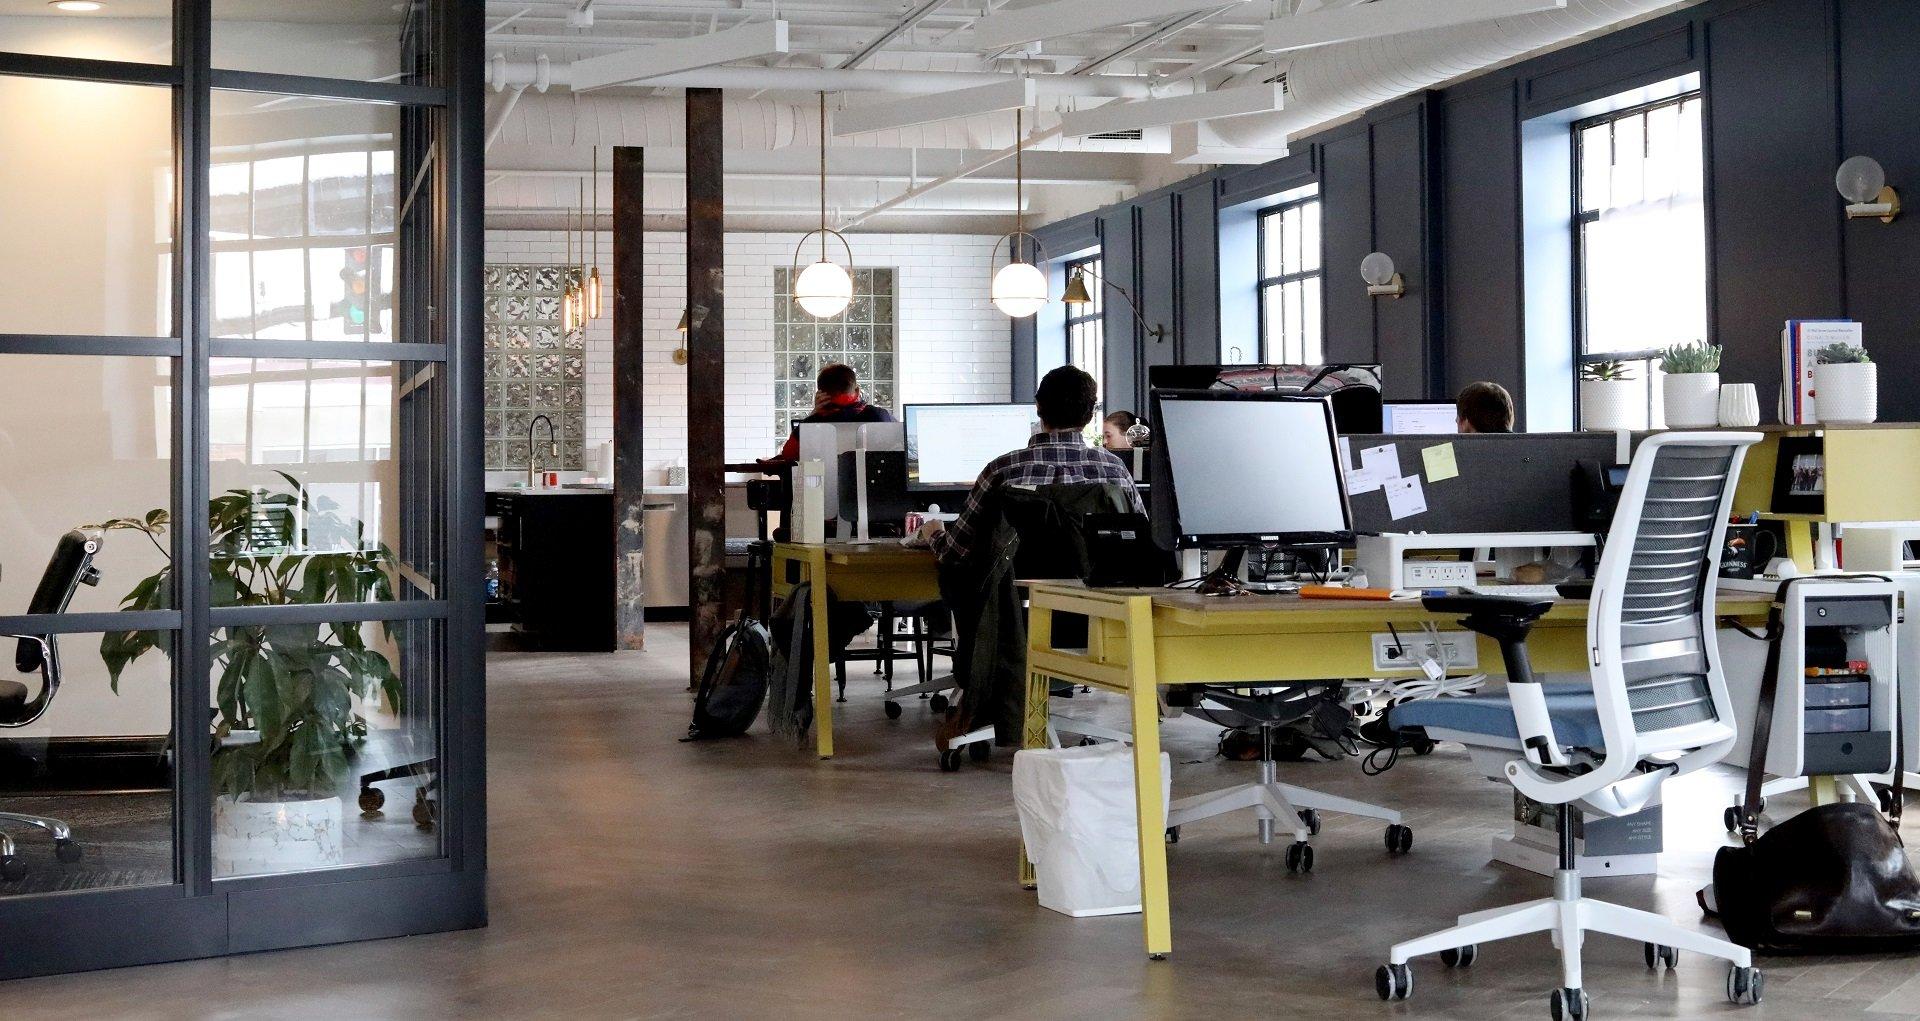 I migliori 4 open source portal per la Digital Collaboration